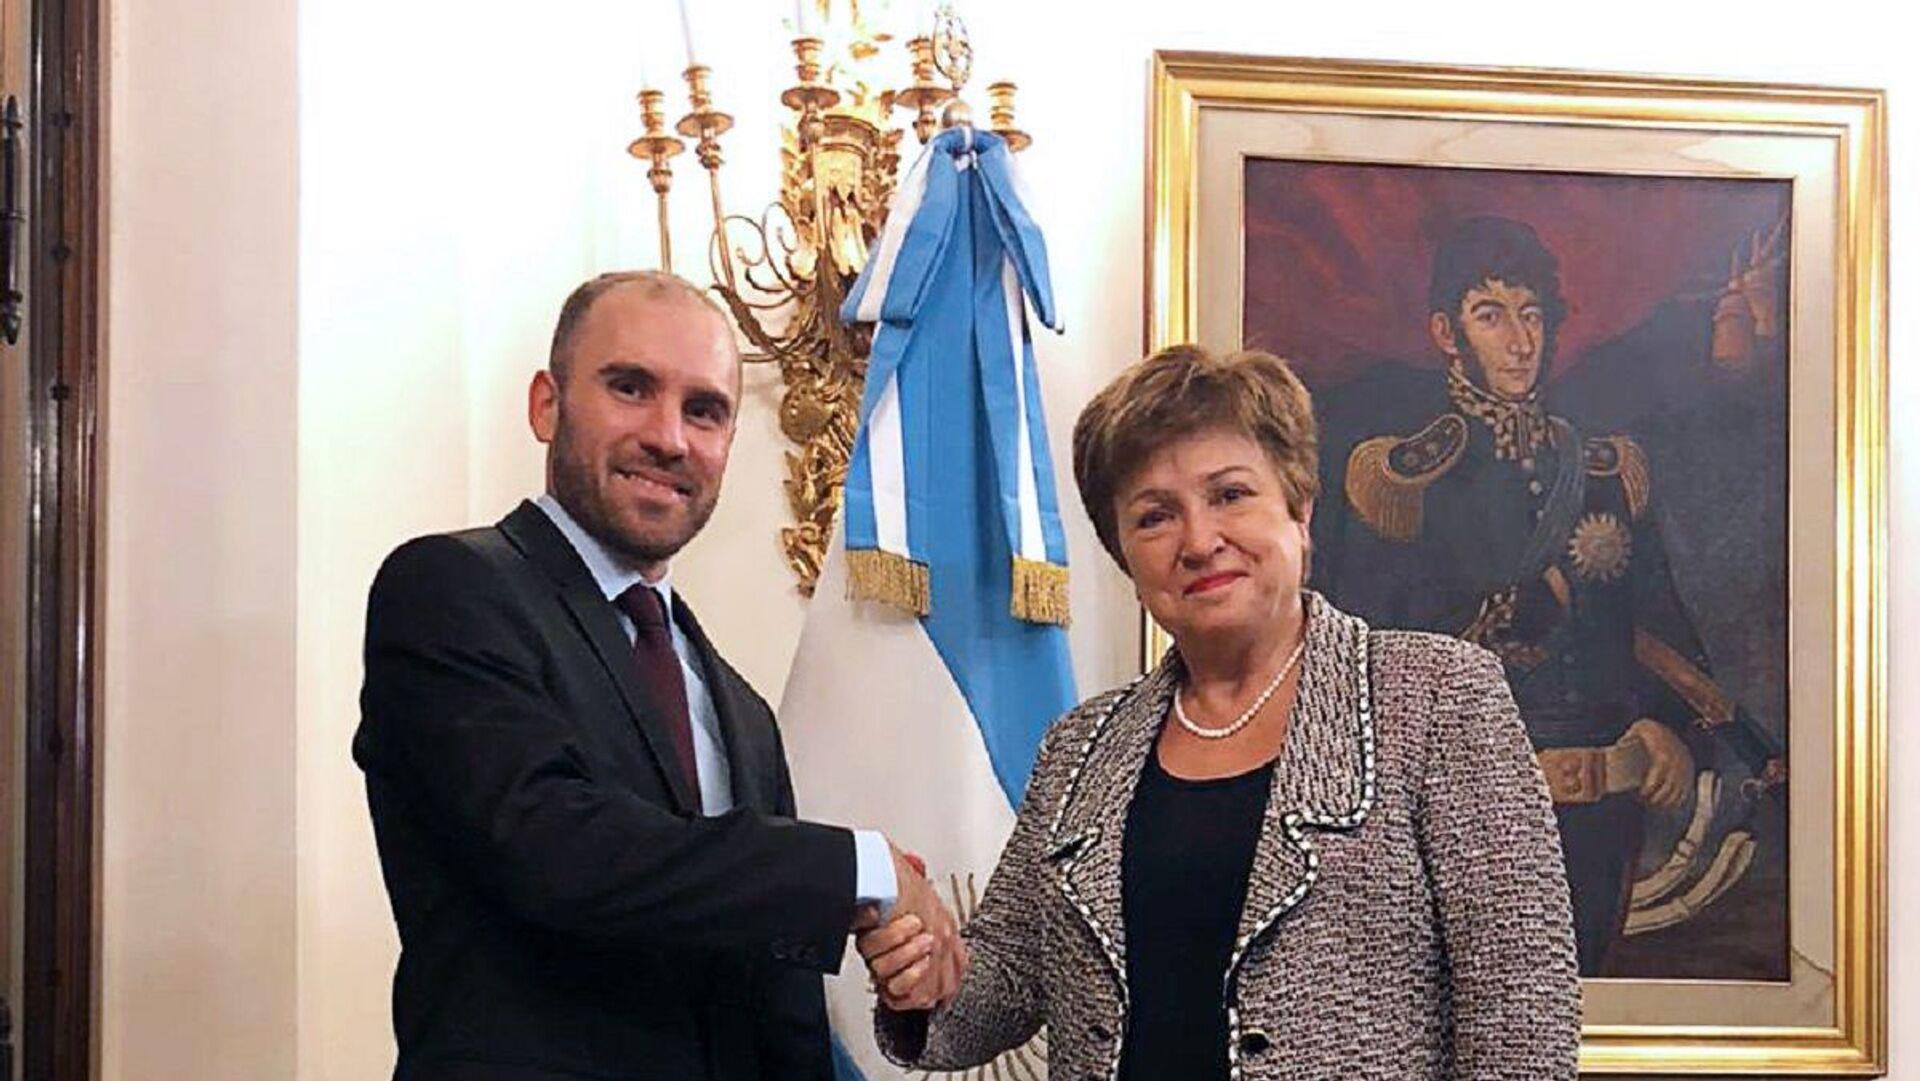 El ministro de Economía Martín Guzmán en reunión con la Directora Gerente del Fondo Monetario Internacional (FMI), Kristalina Georgieva - Sputnik Mundo, 1920, 20.07.2021